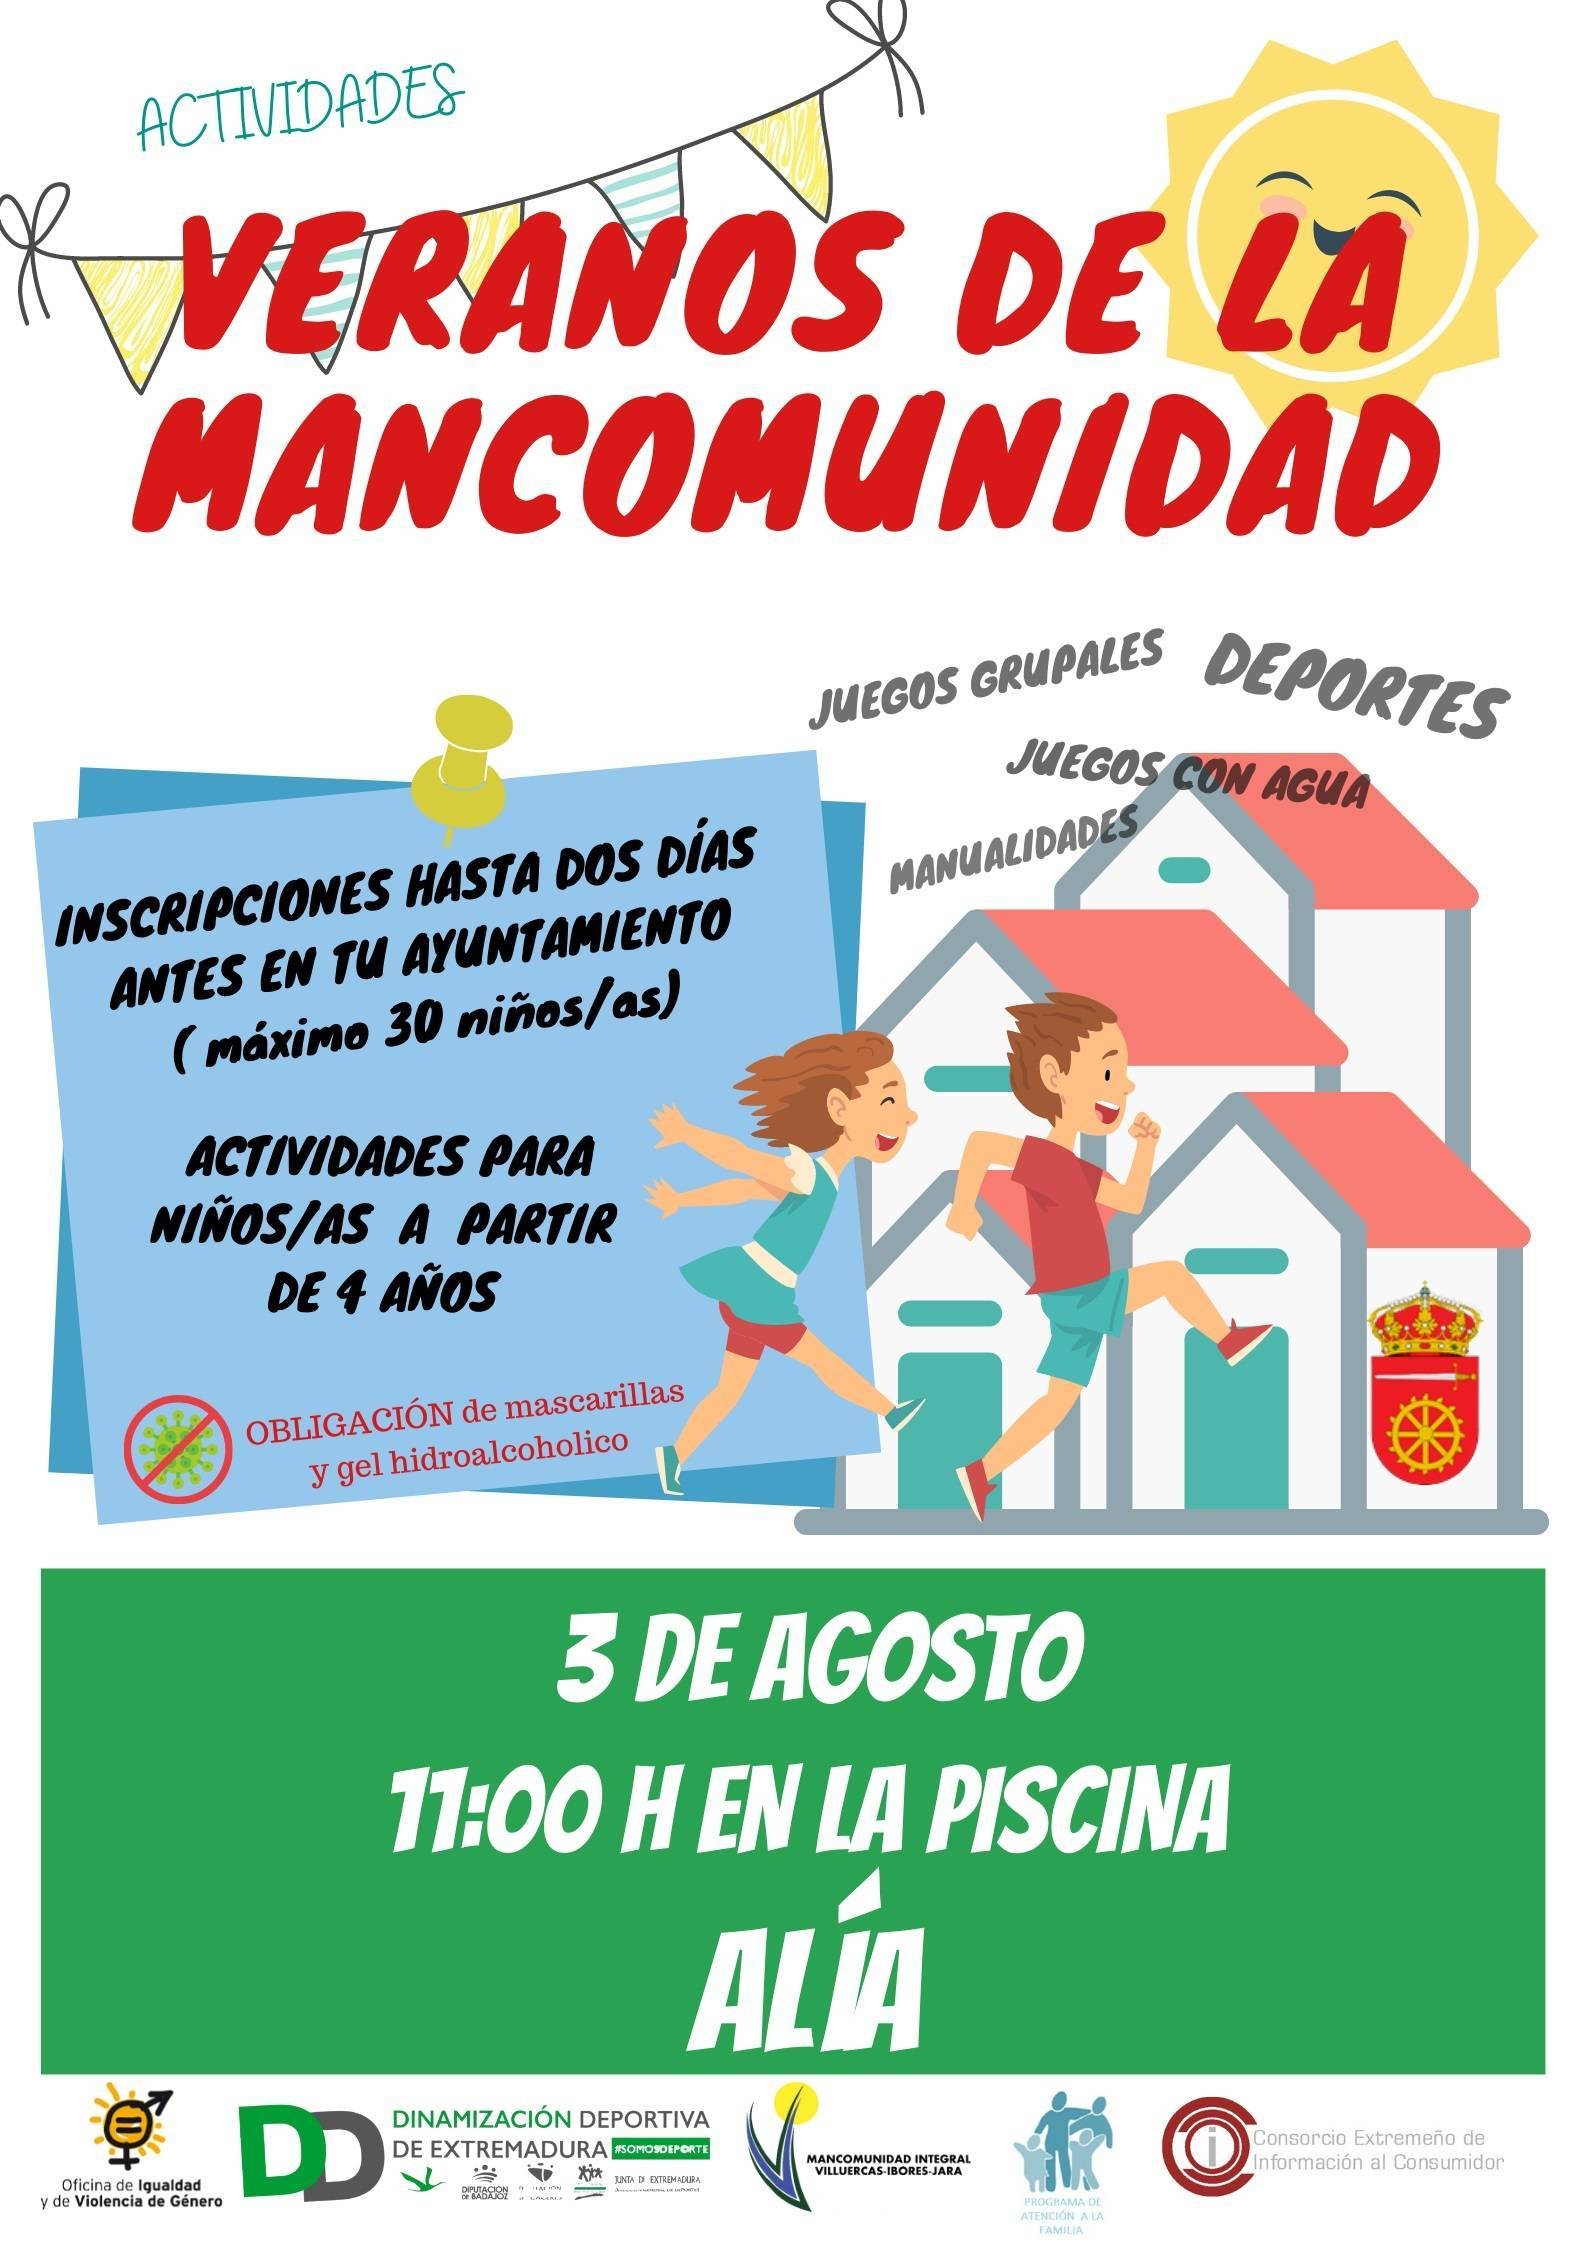 Veranos de la Mancomunidad (2021) - Alía (Cáceres)